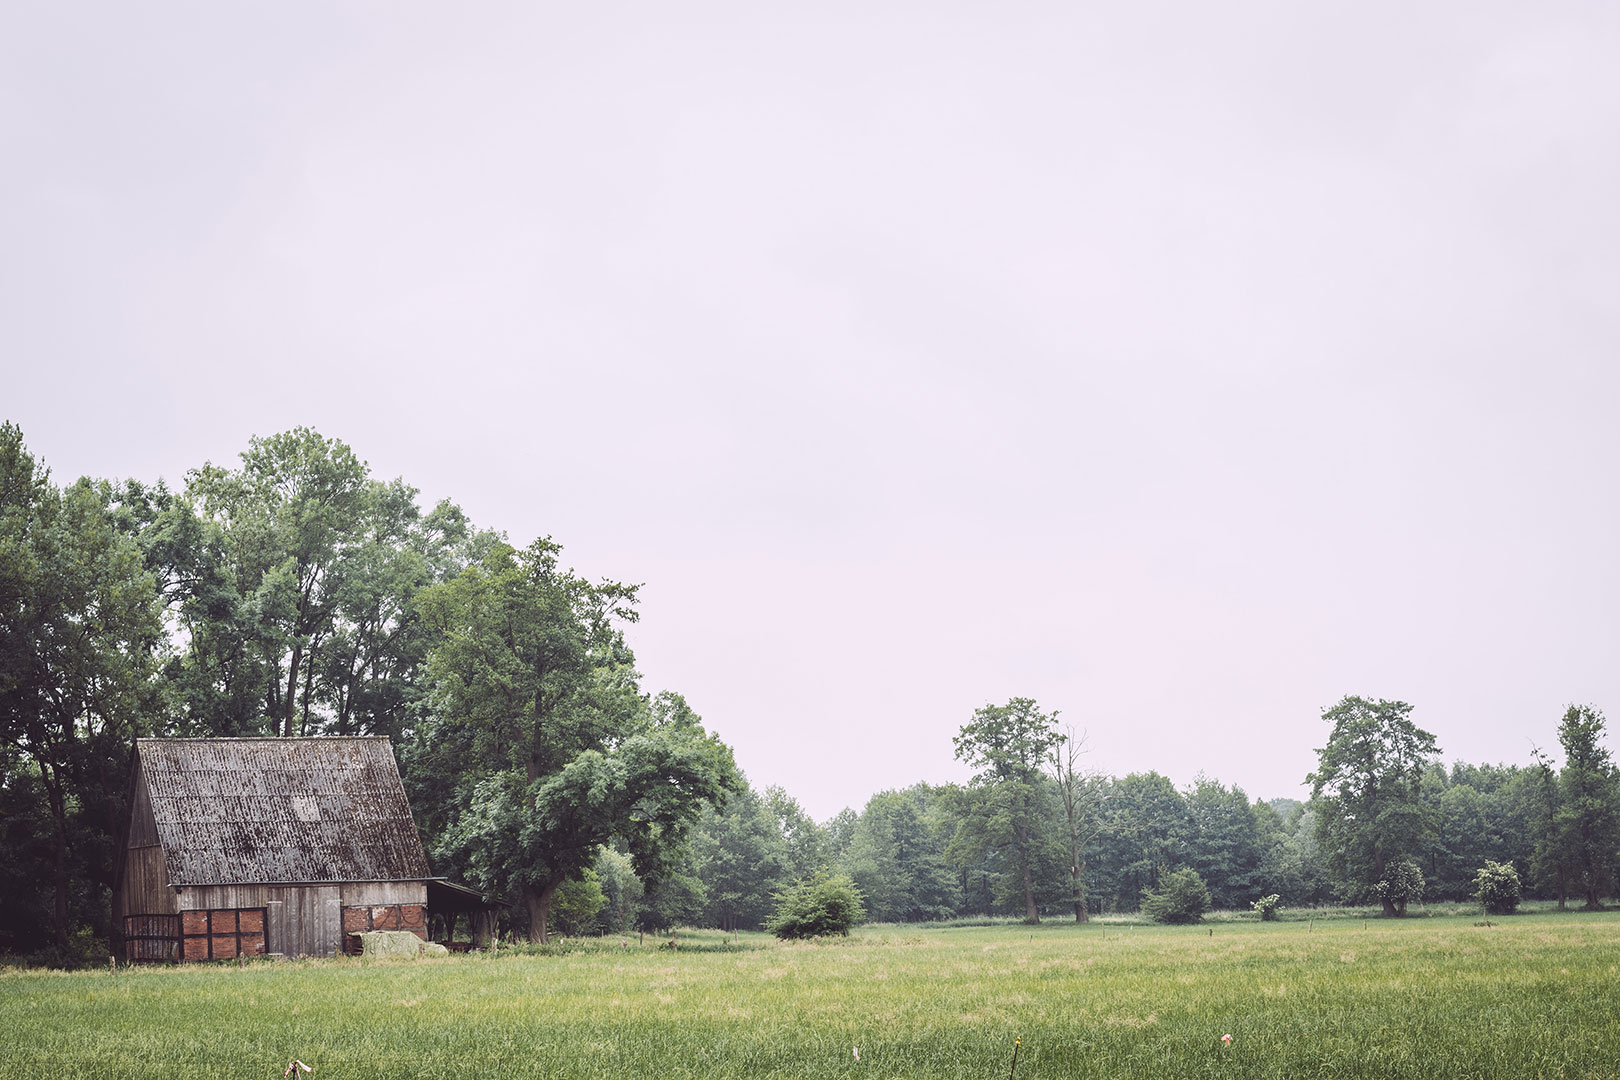 Wiese, Bäume und Himmel in Fischerhude (Verden, Niedersachsen)